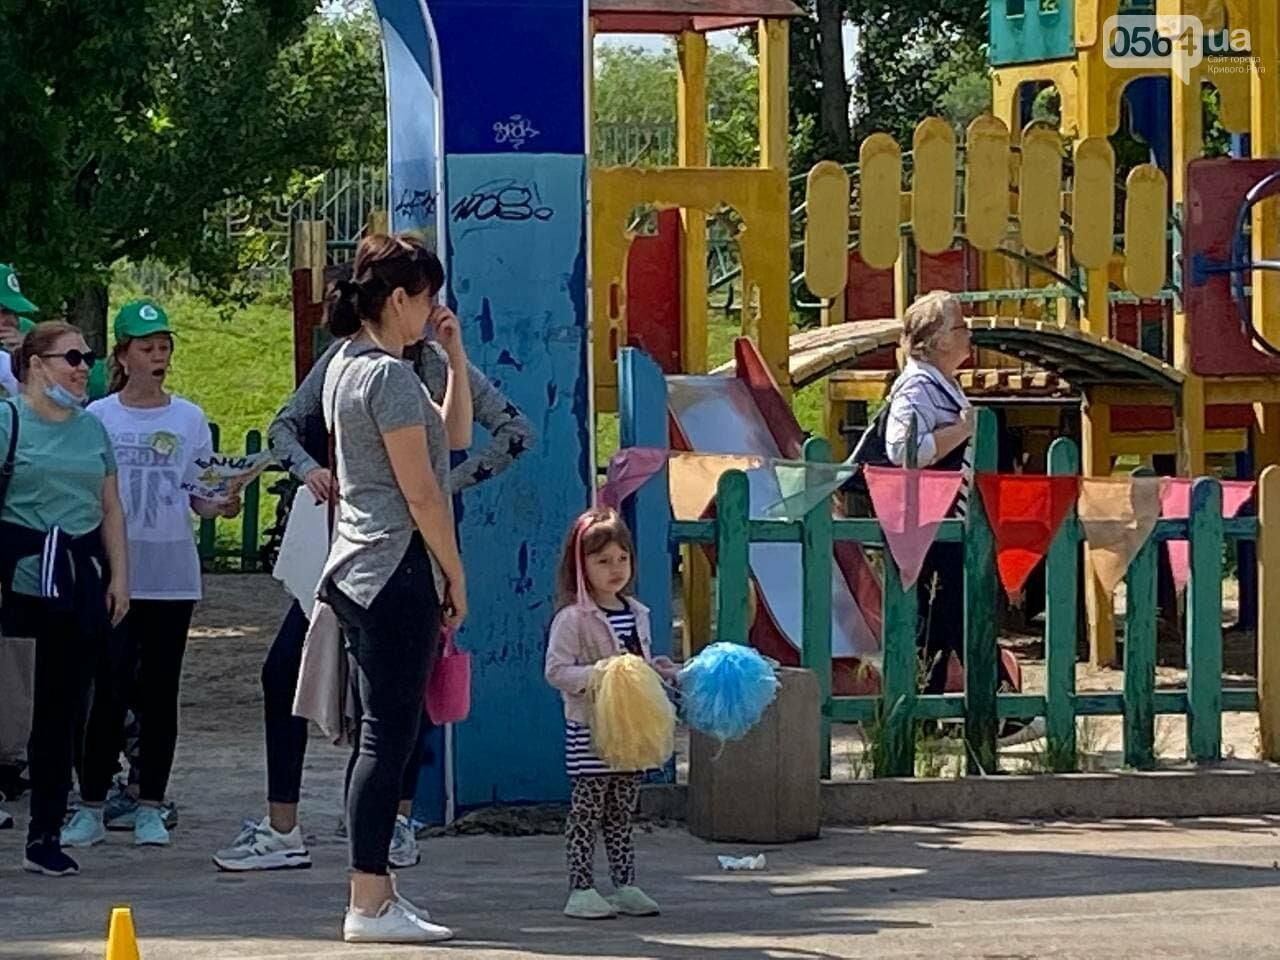 В Кривом Роге для детей провели спартакиаду, - ФОТО, ВИДЕО  , фото-2